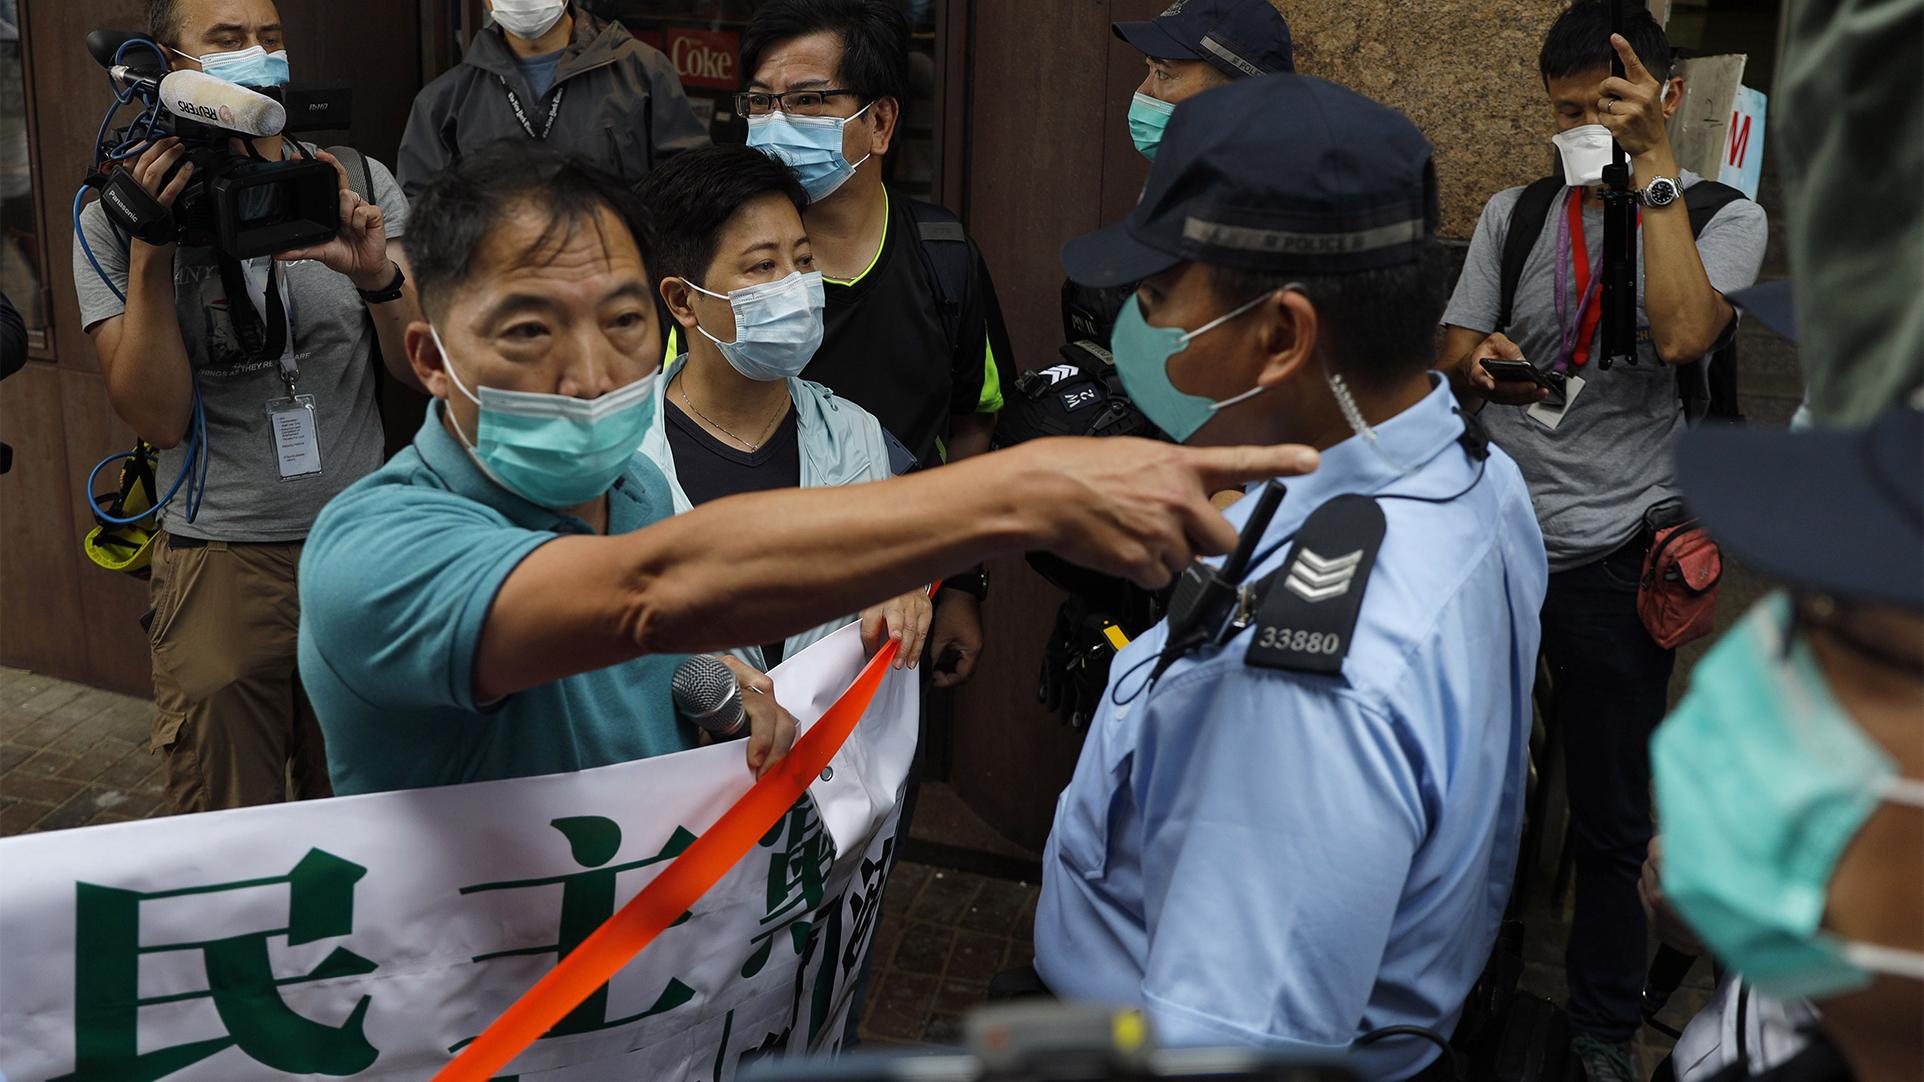 2020年5月22日,香港的抗议民众。(美联社)